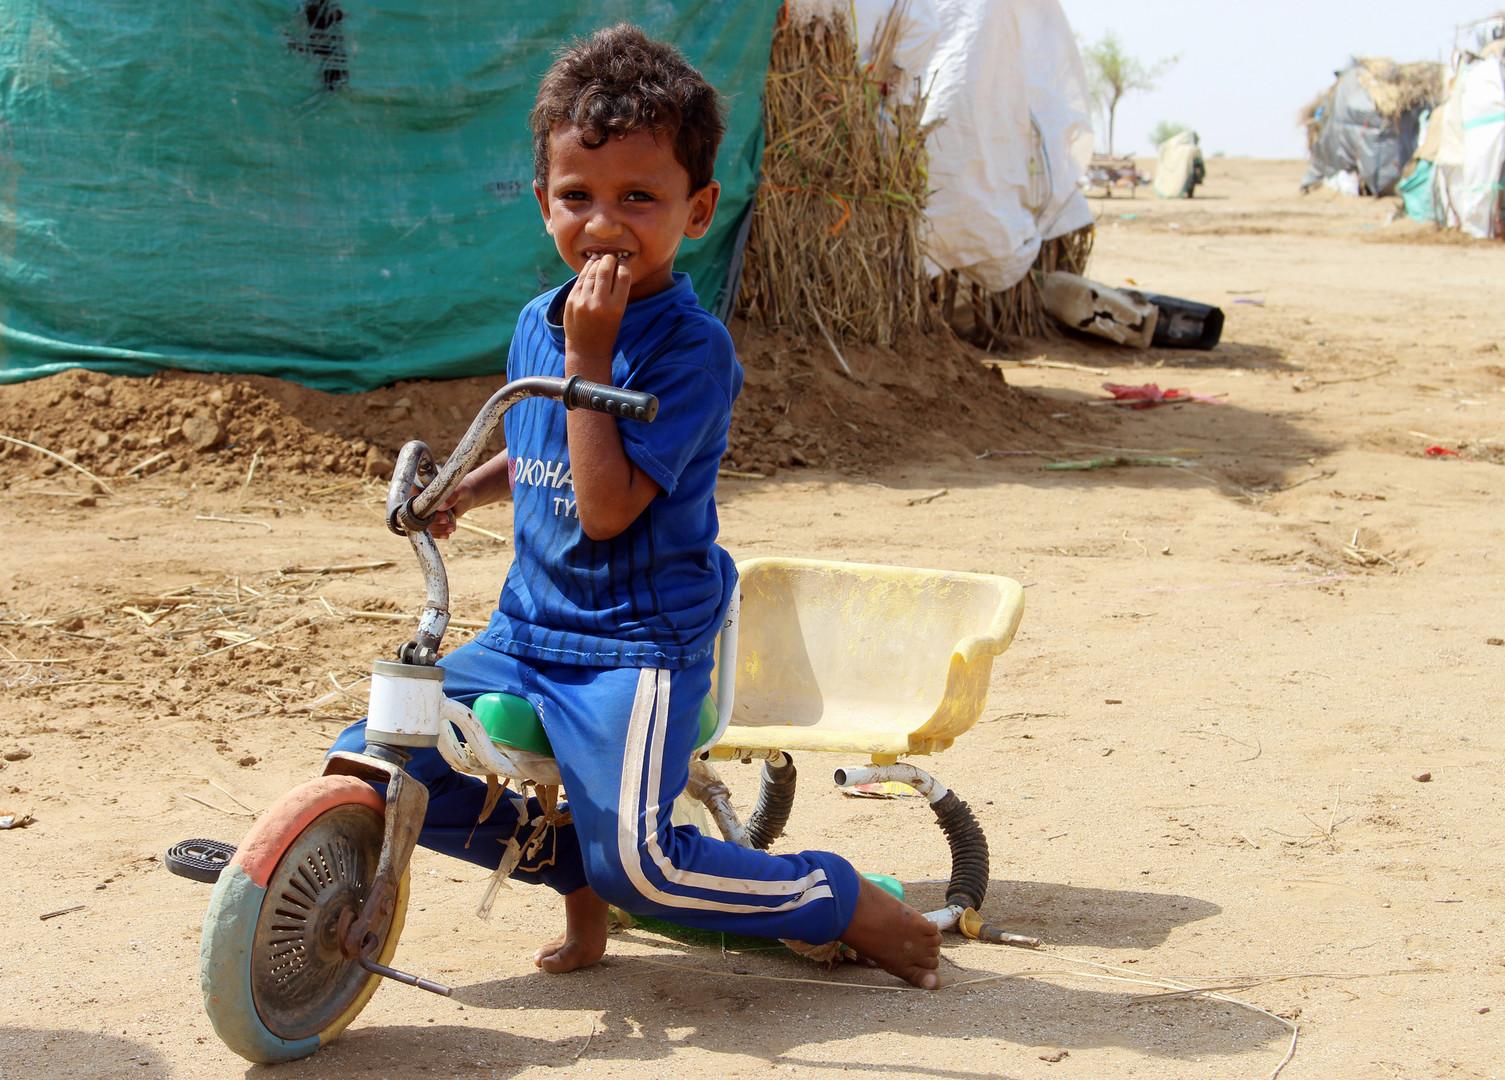 Ein vertriebener jemenitischer Junge aus Hodeida sitzt am 16. September 2018 auf einem kaputten Dreirad in einem provisorischen Lager in einem Dorf im nördlichen Bezirk Abs in der Provinz Hadscha